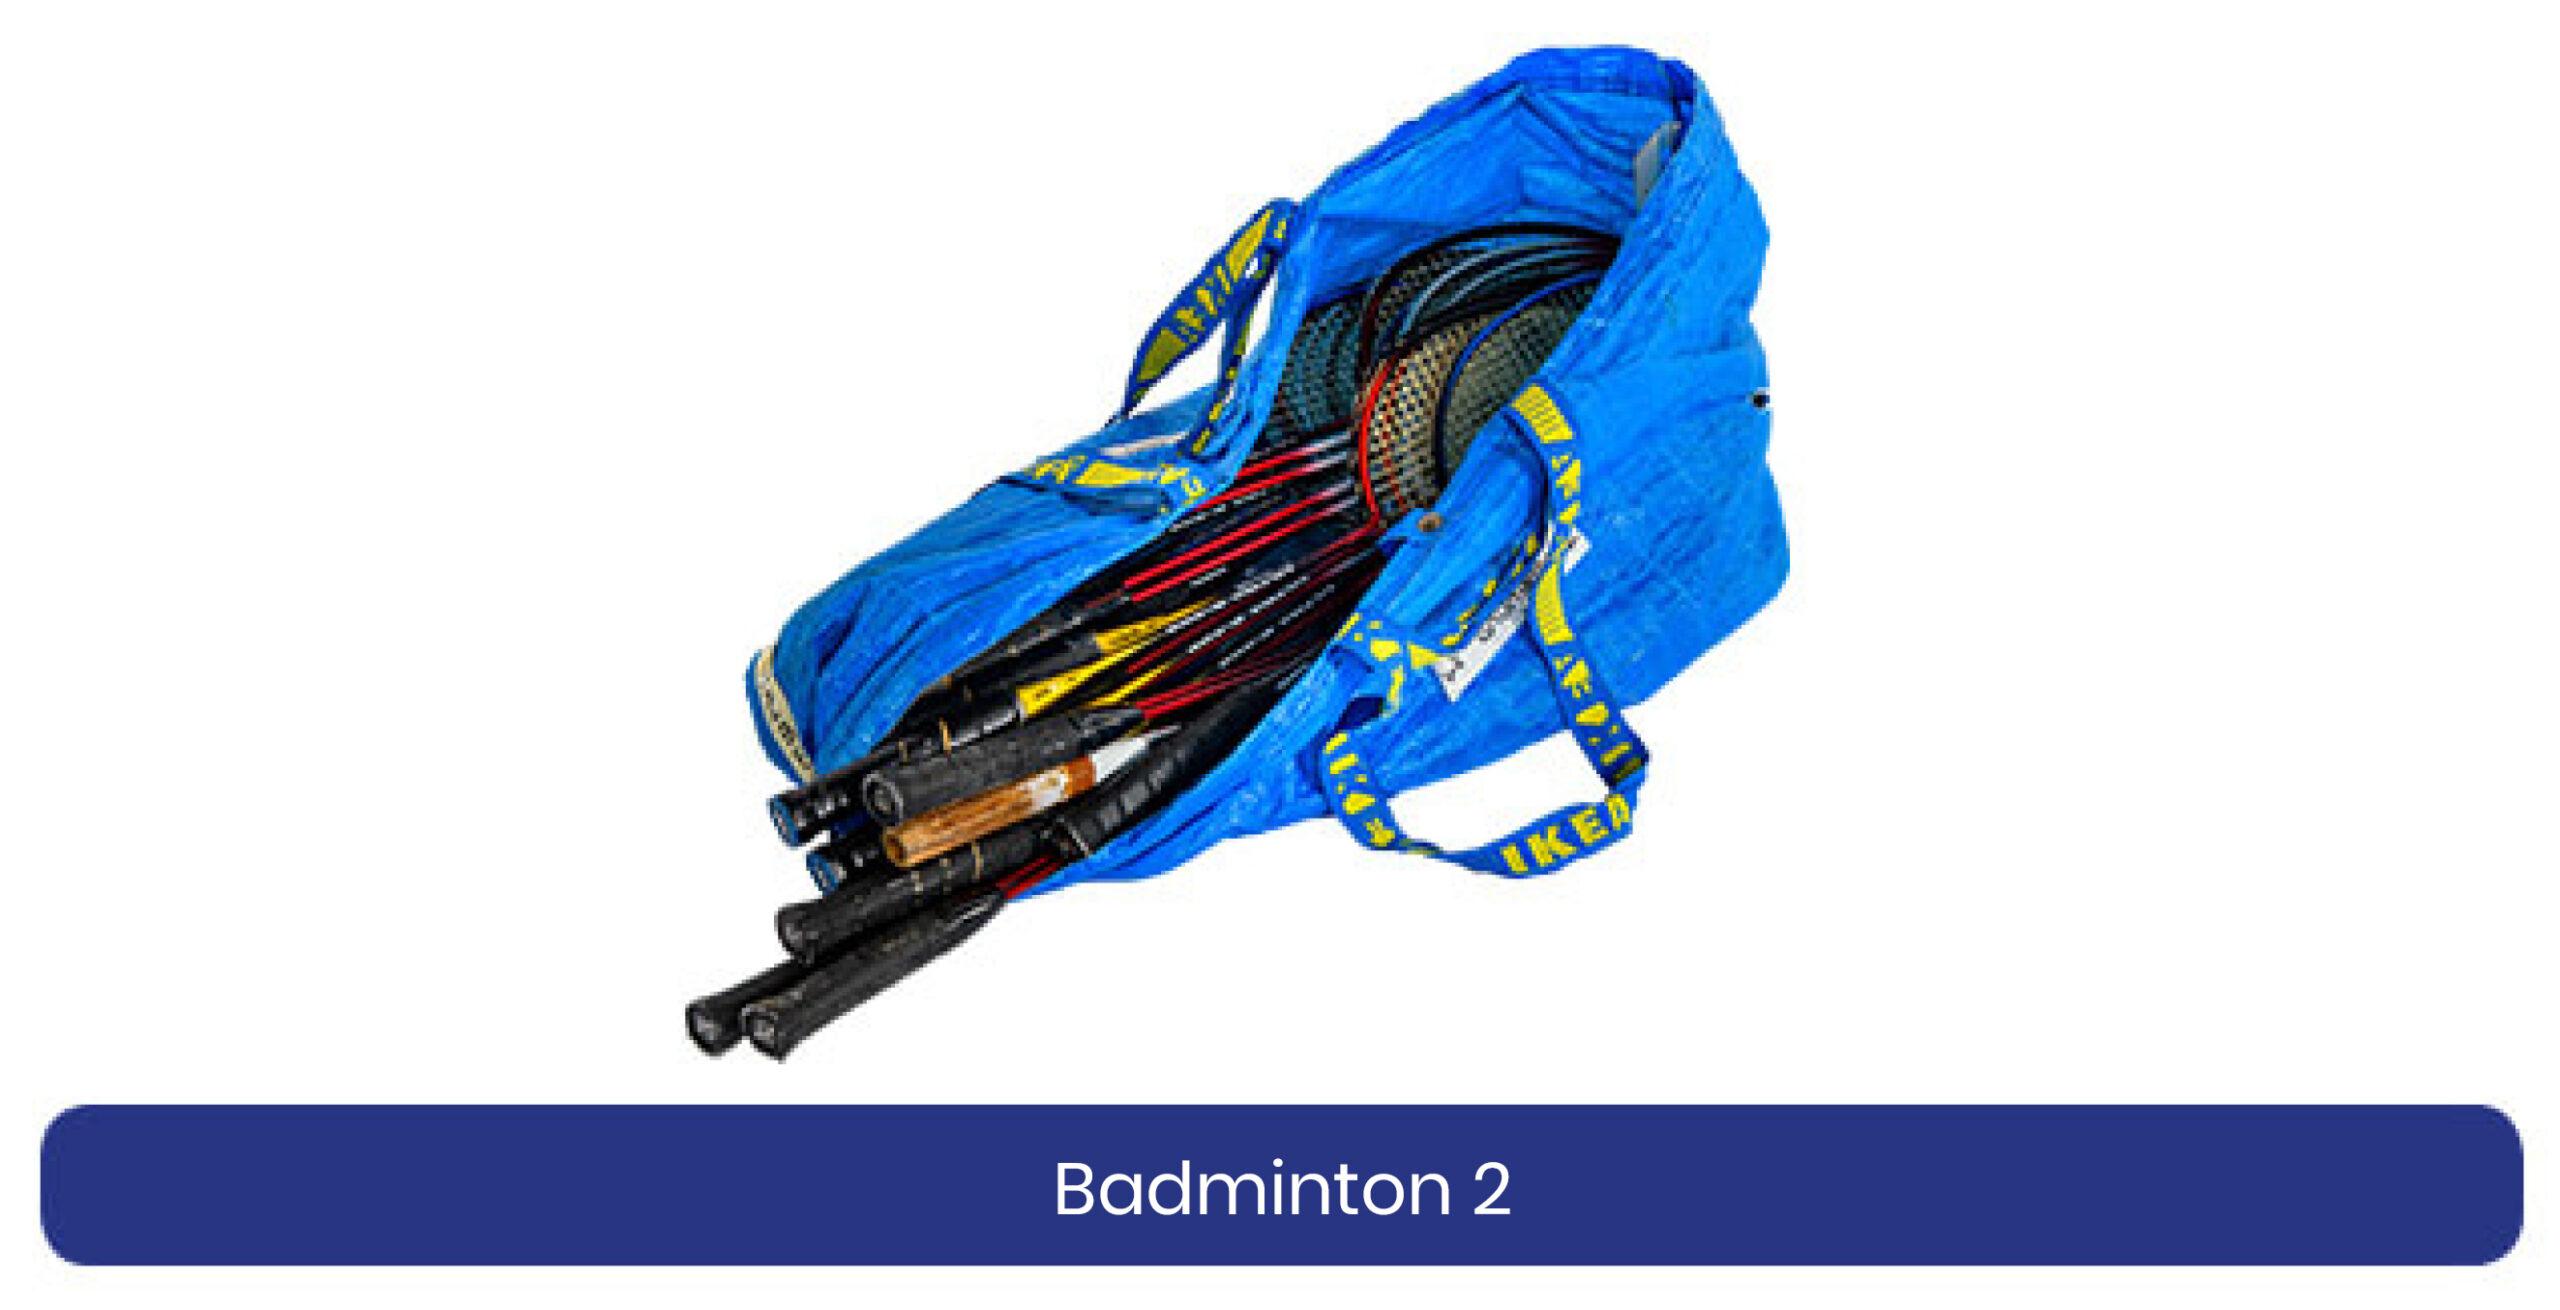 Badminton 2 lenen product